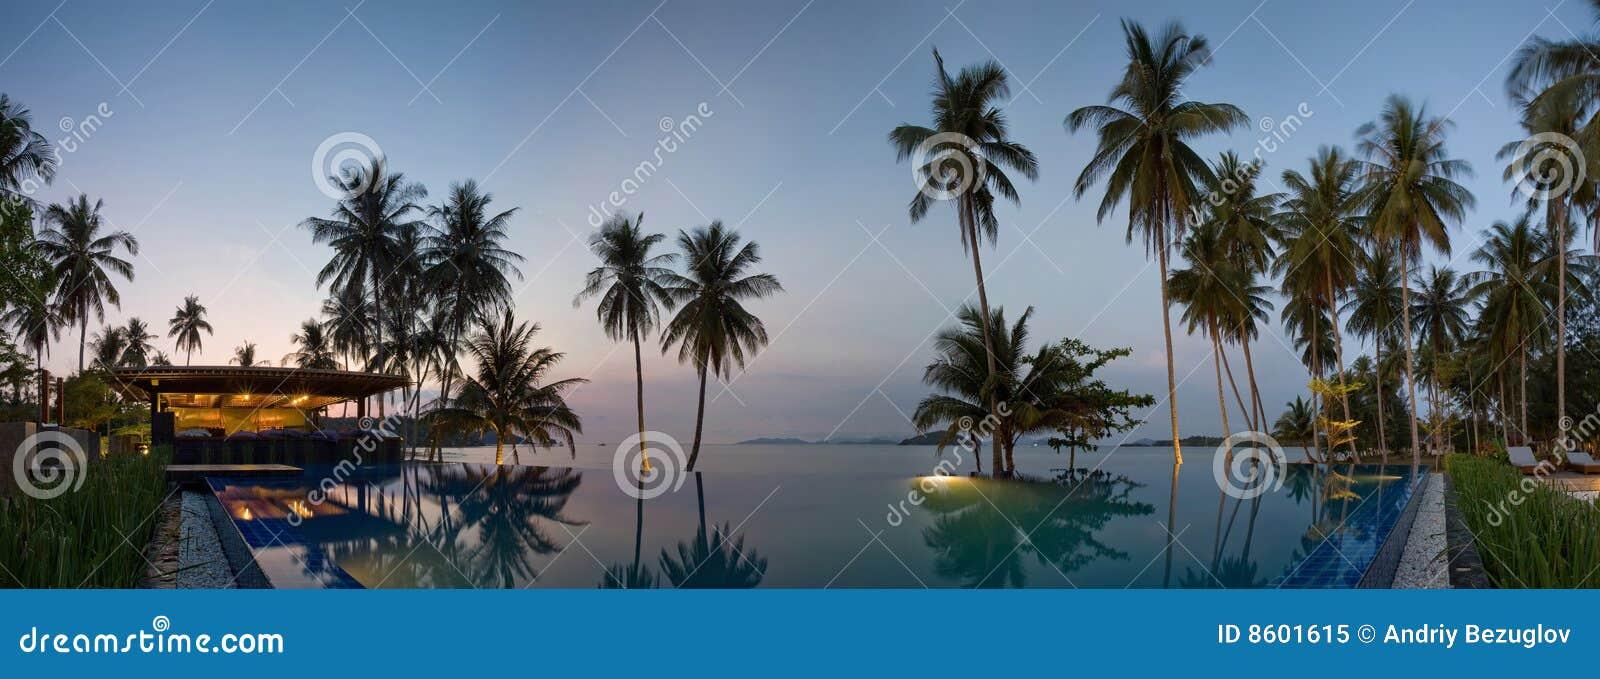 Zonsondergang in de toevlucht van Thailand